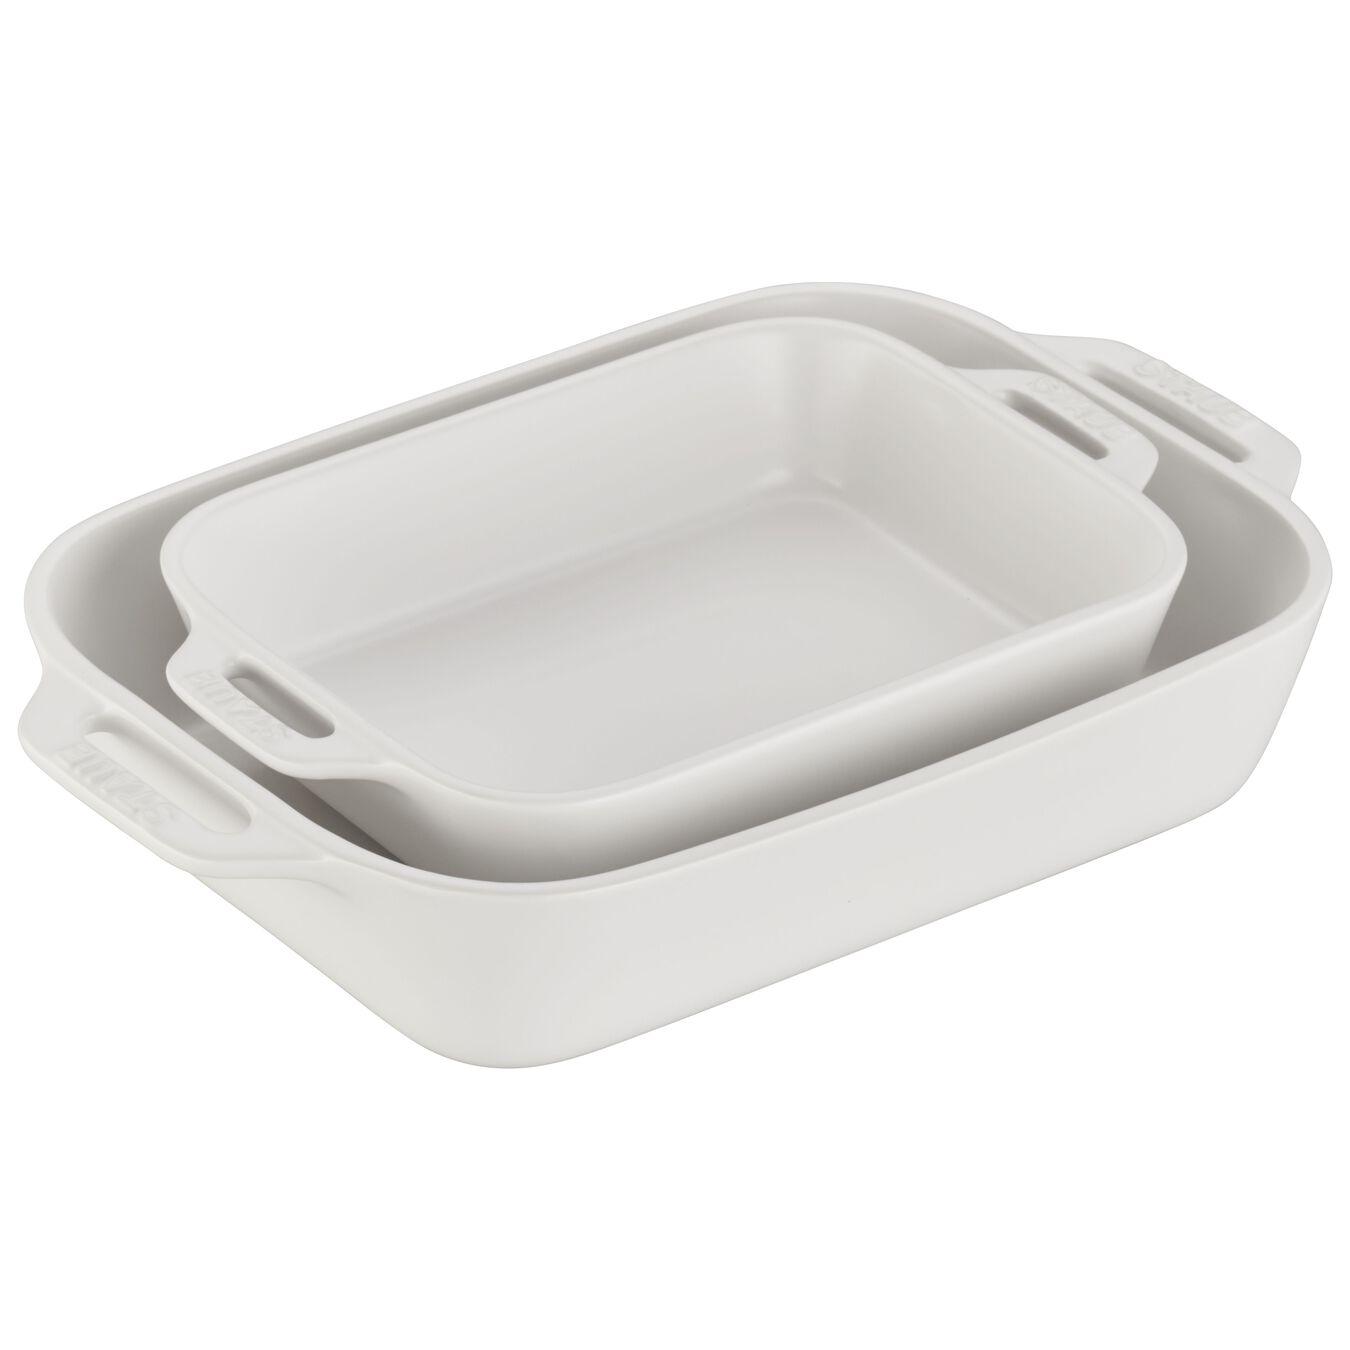 2-pcs rectangular Ensemble plats de cuisson pour le four, Matte-White,,large 1